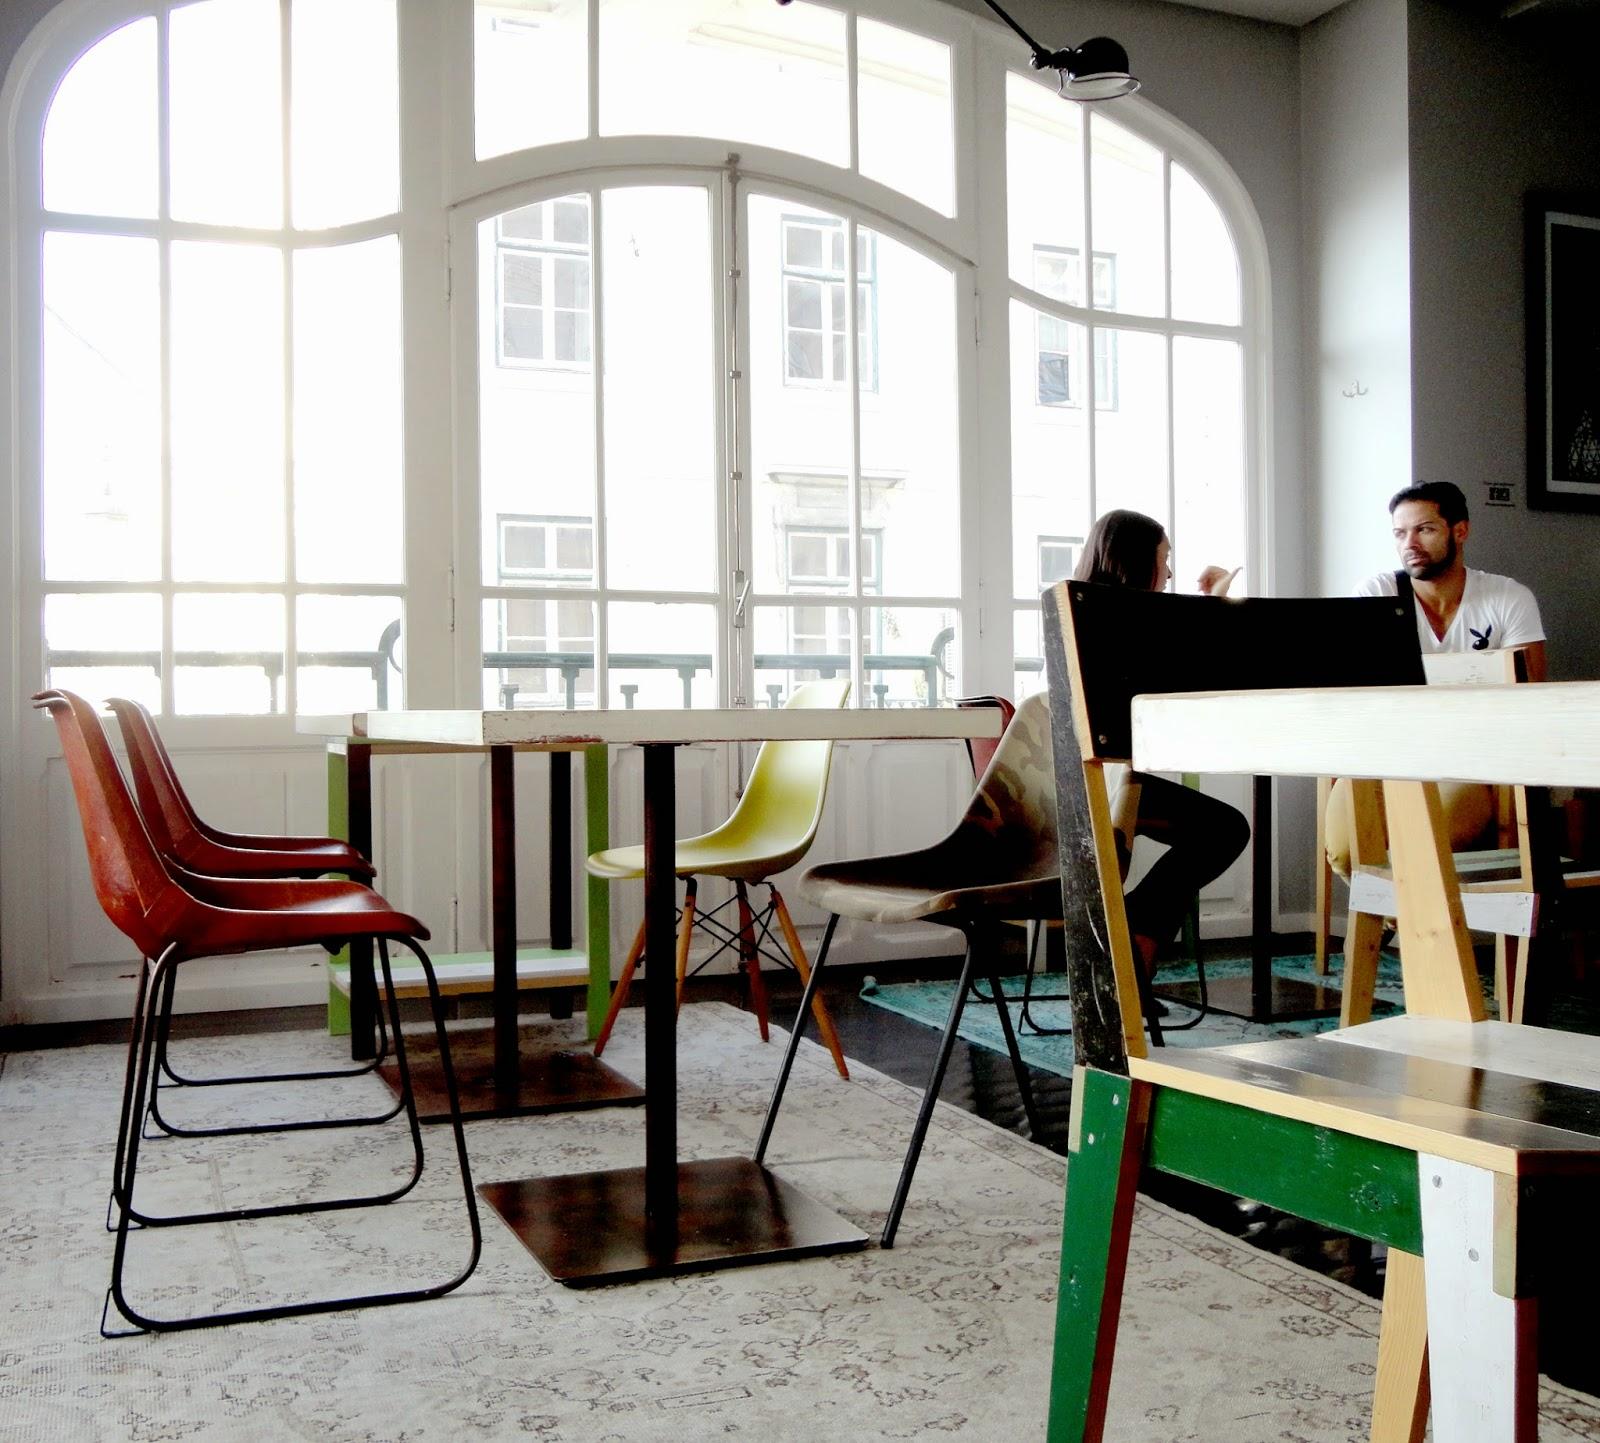 Uma montra da  Vitra  lá atrás e (sem certezas) em primeiro plano à direita uma cadeira de  Piet Hein Eek  (amo PHE).